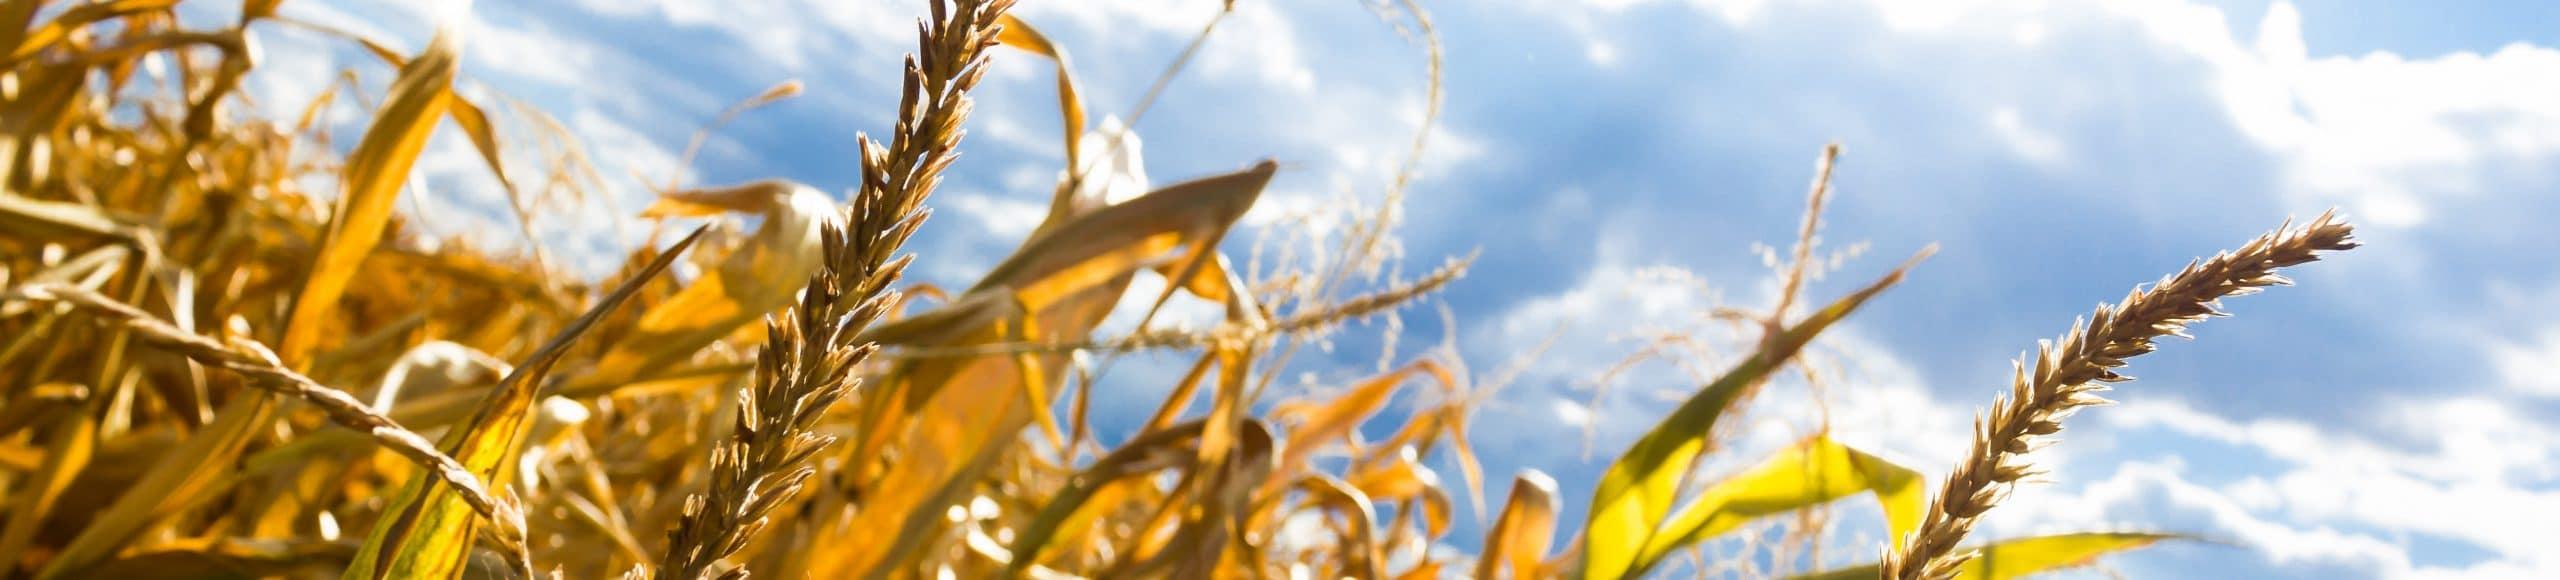 Dürre Weizen Feld Ernte Landwirtschaft